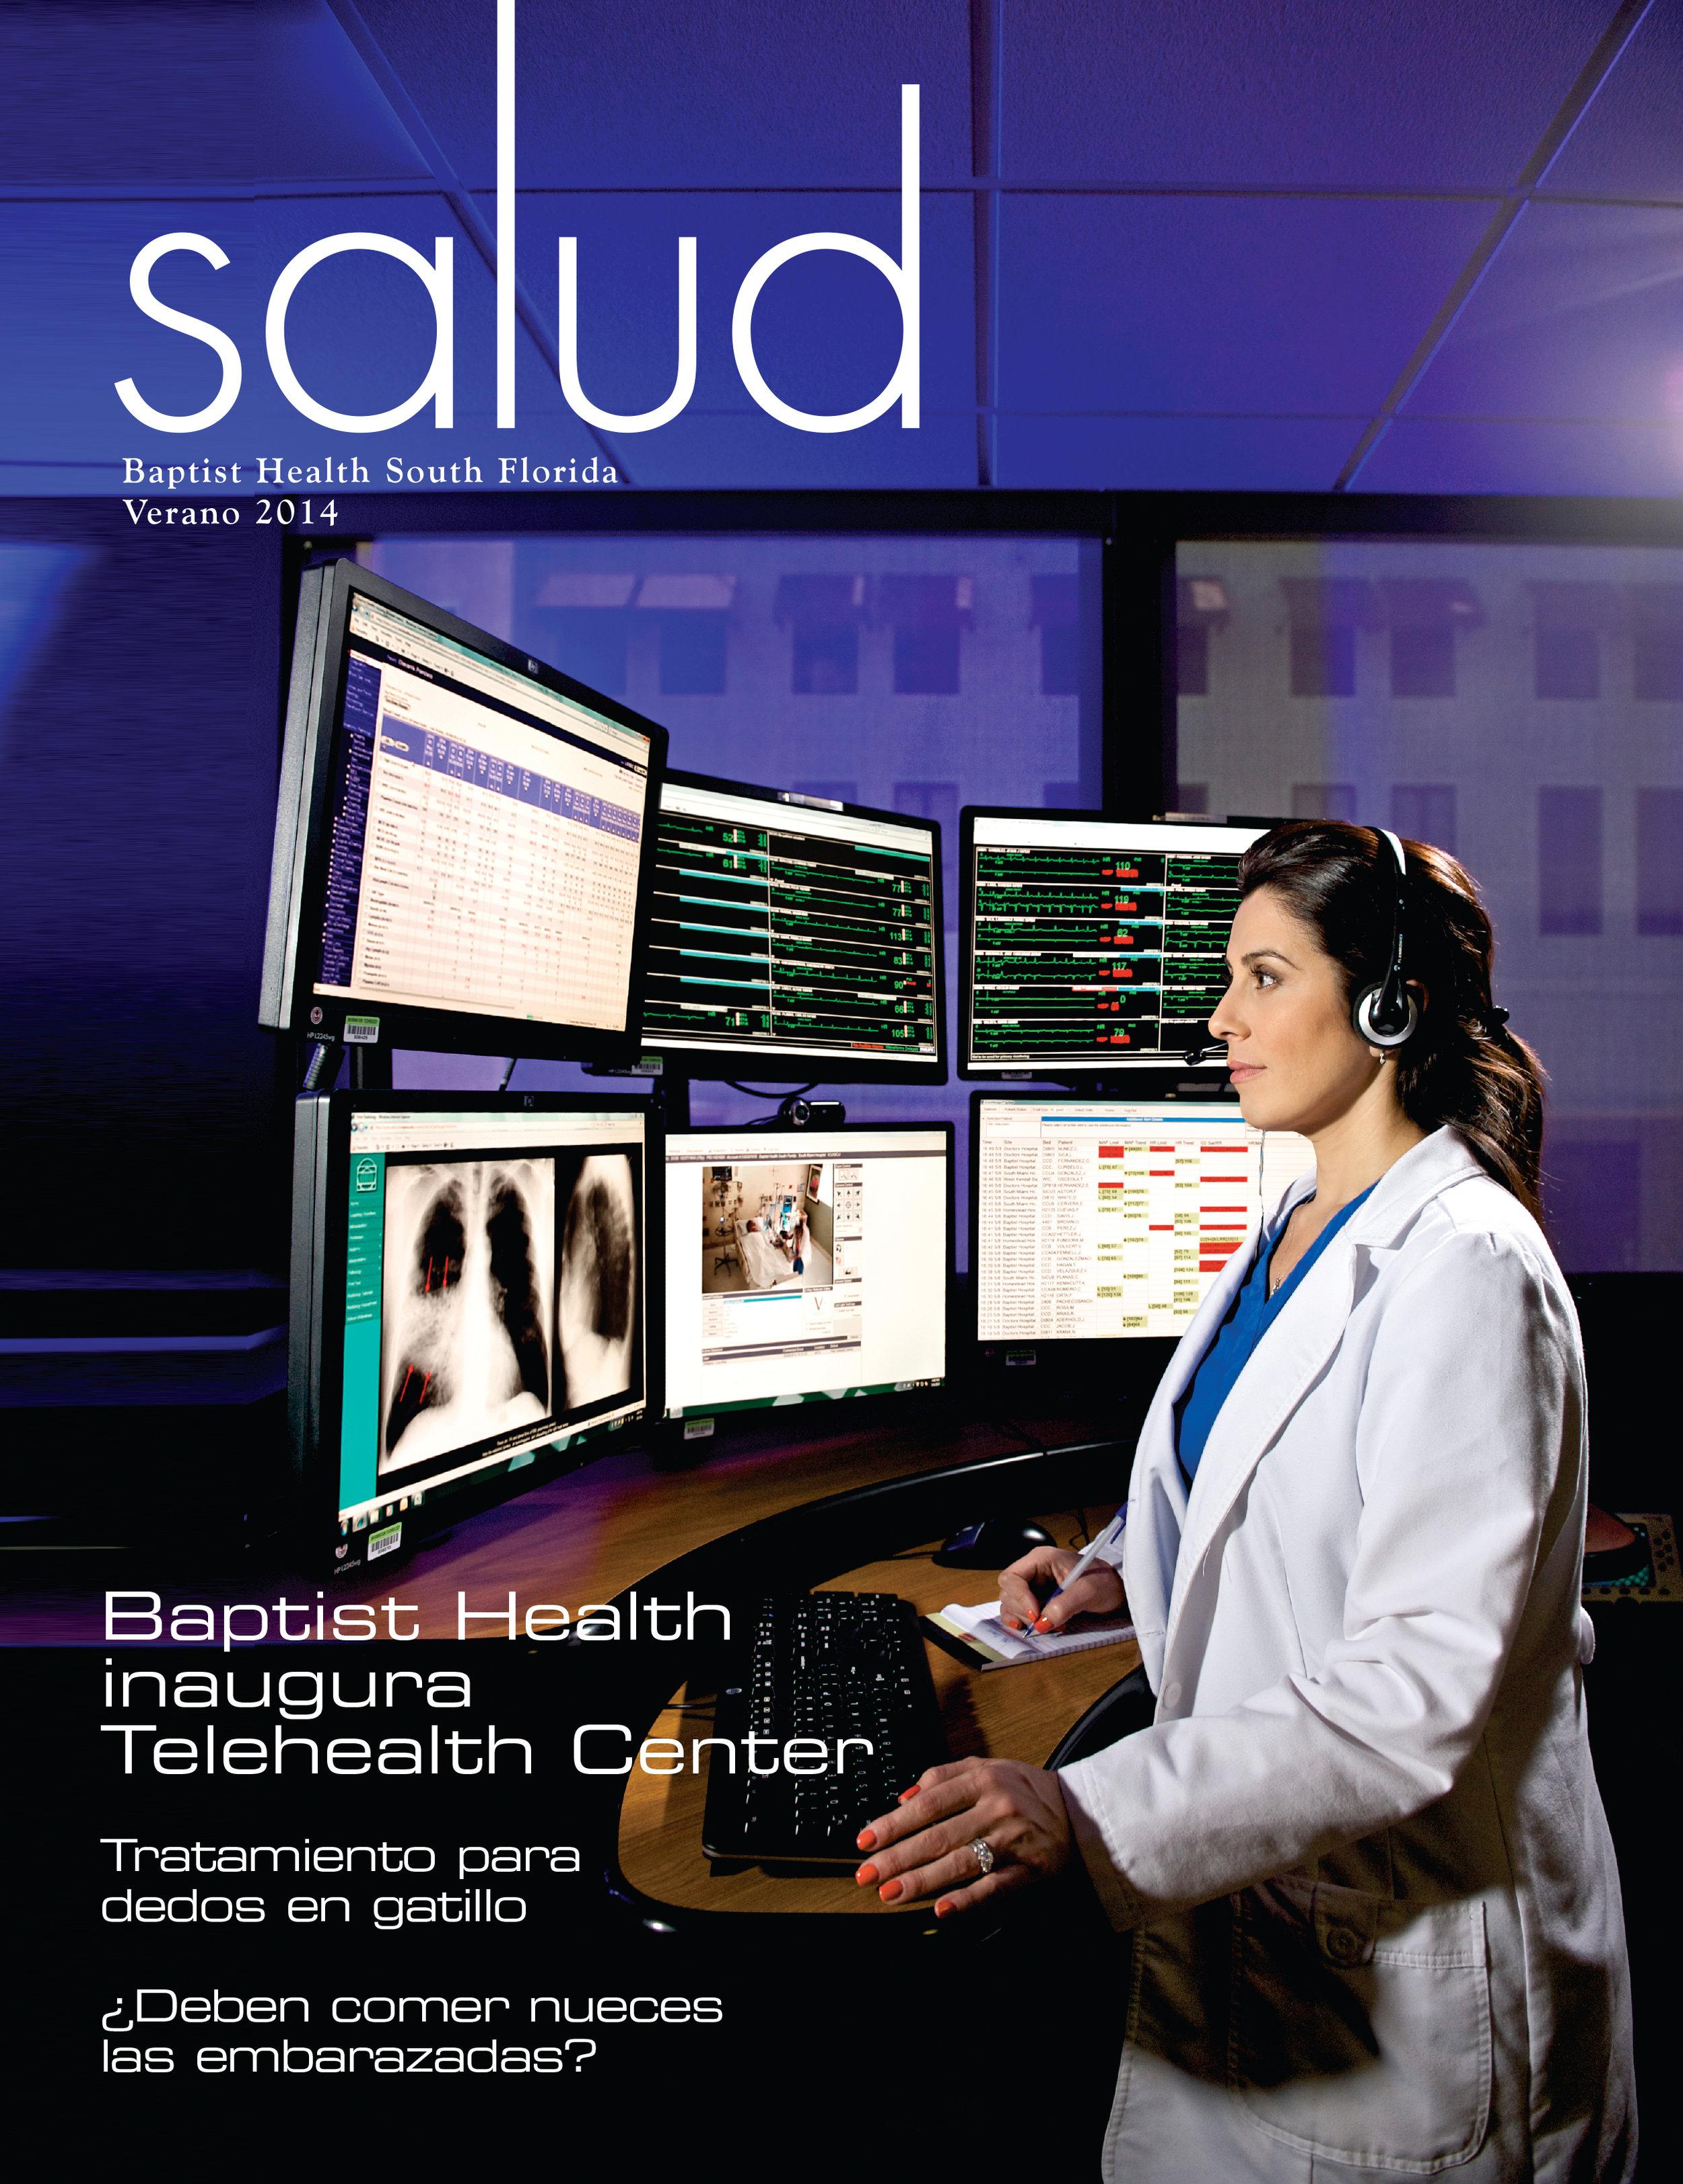 Salud: Baptist Health